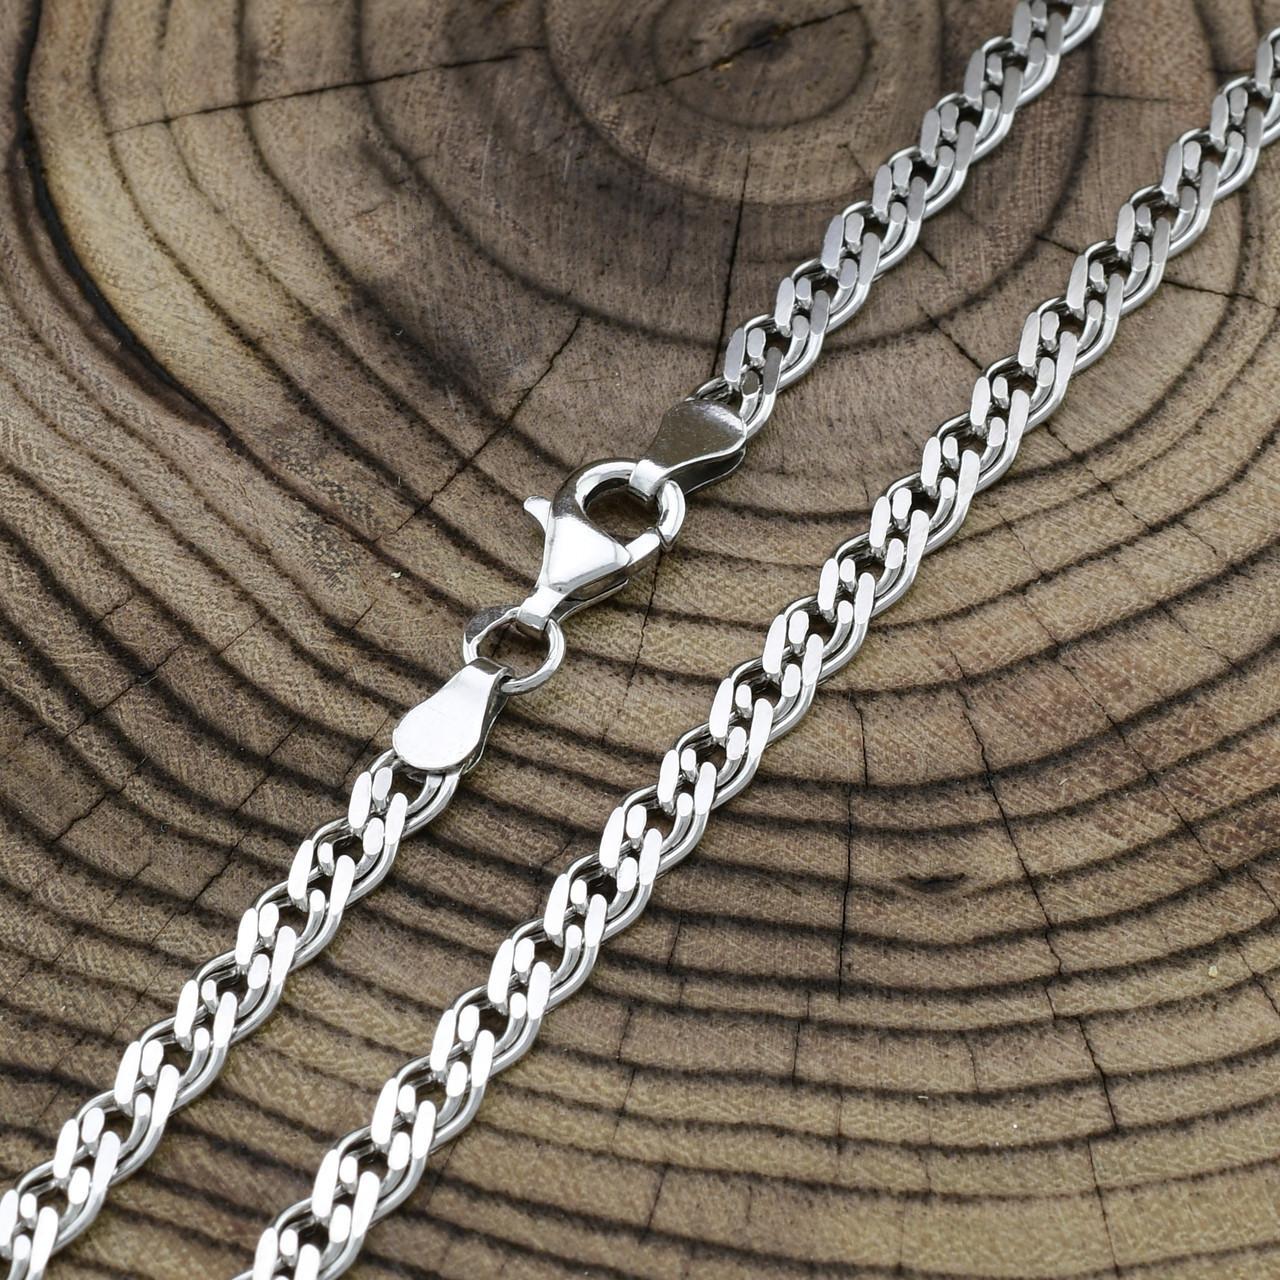 Срібний ланцюжок родований Нонна довжина 45 см ширина 4.5 мм вага 10.95 г